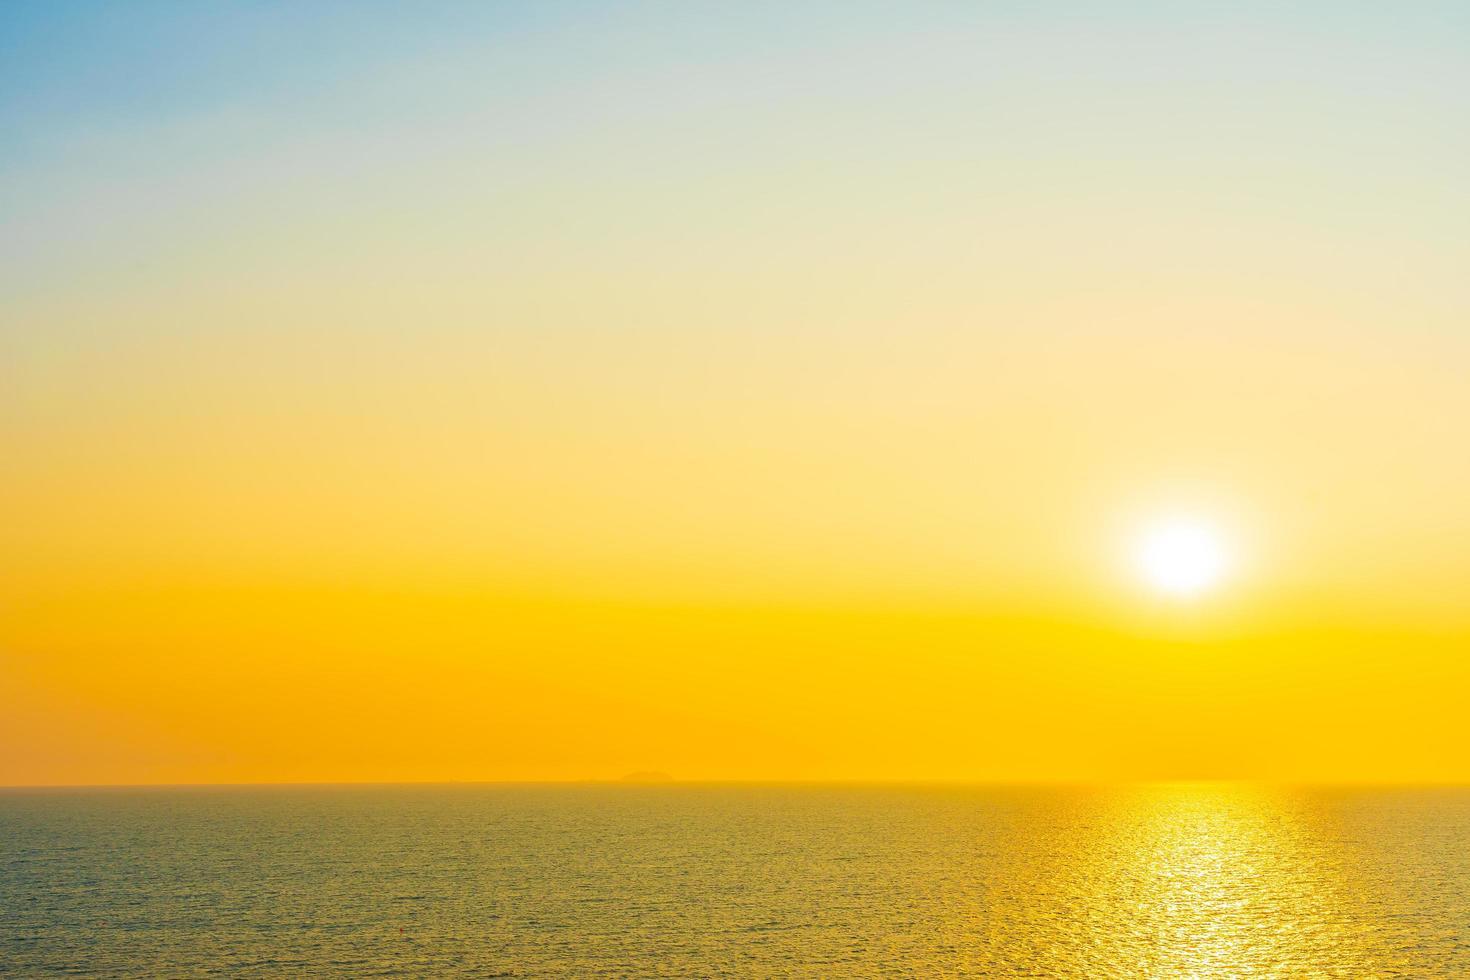 hermoso atardecer o amanecer en el océano foto